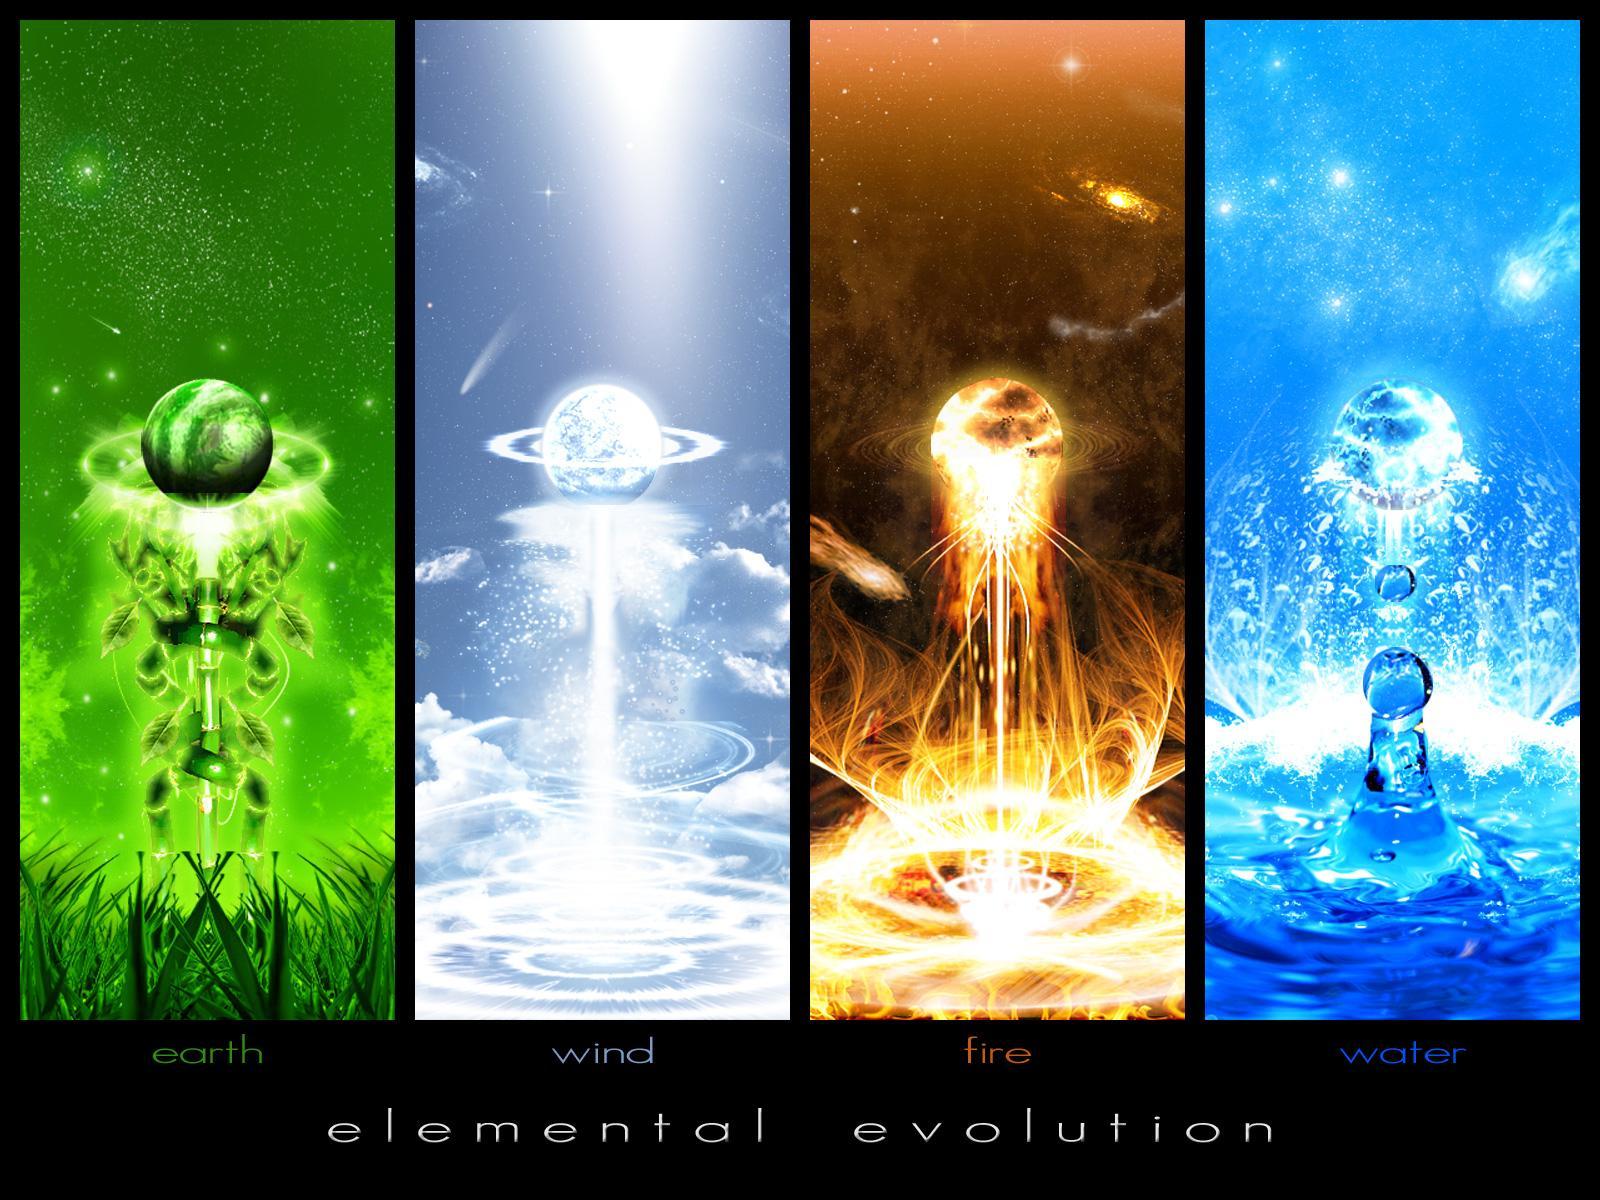 Earth Elemental Fire Water 1600x1200